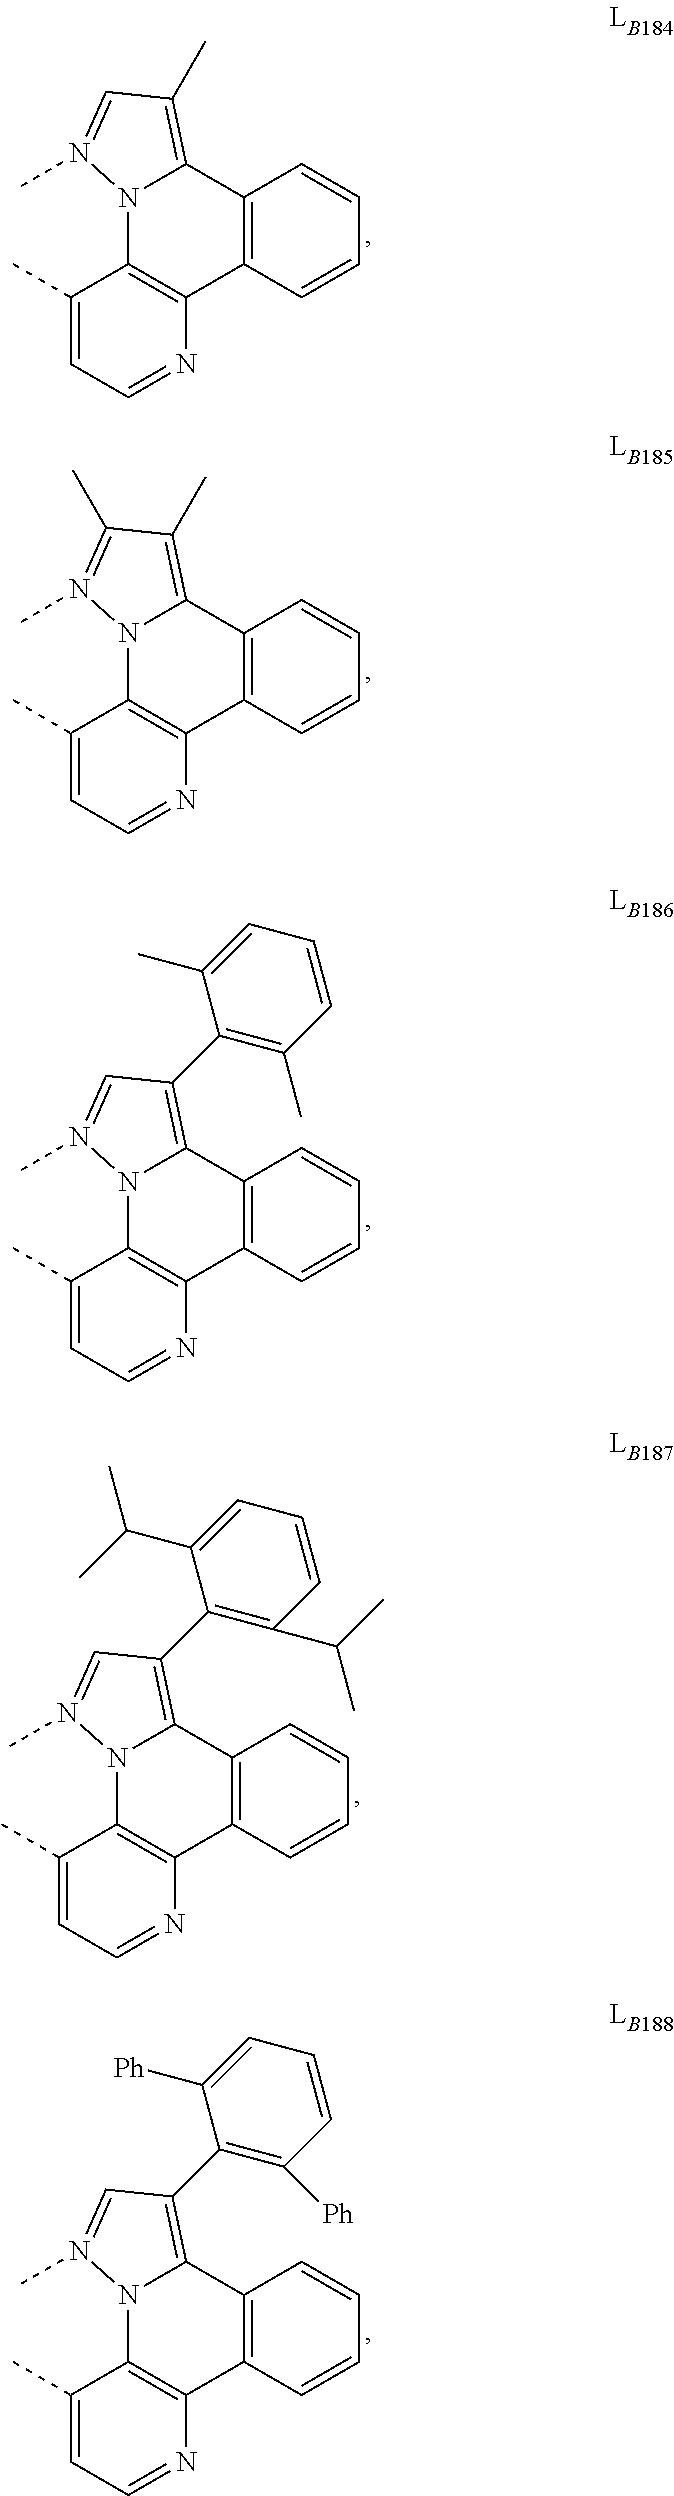 Figure US09905785-20180227-C00539